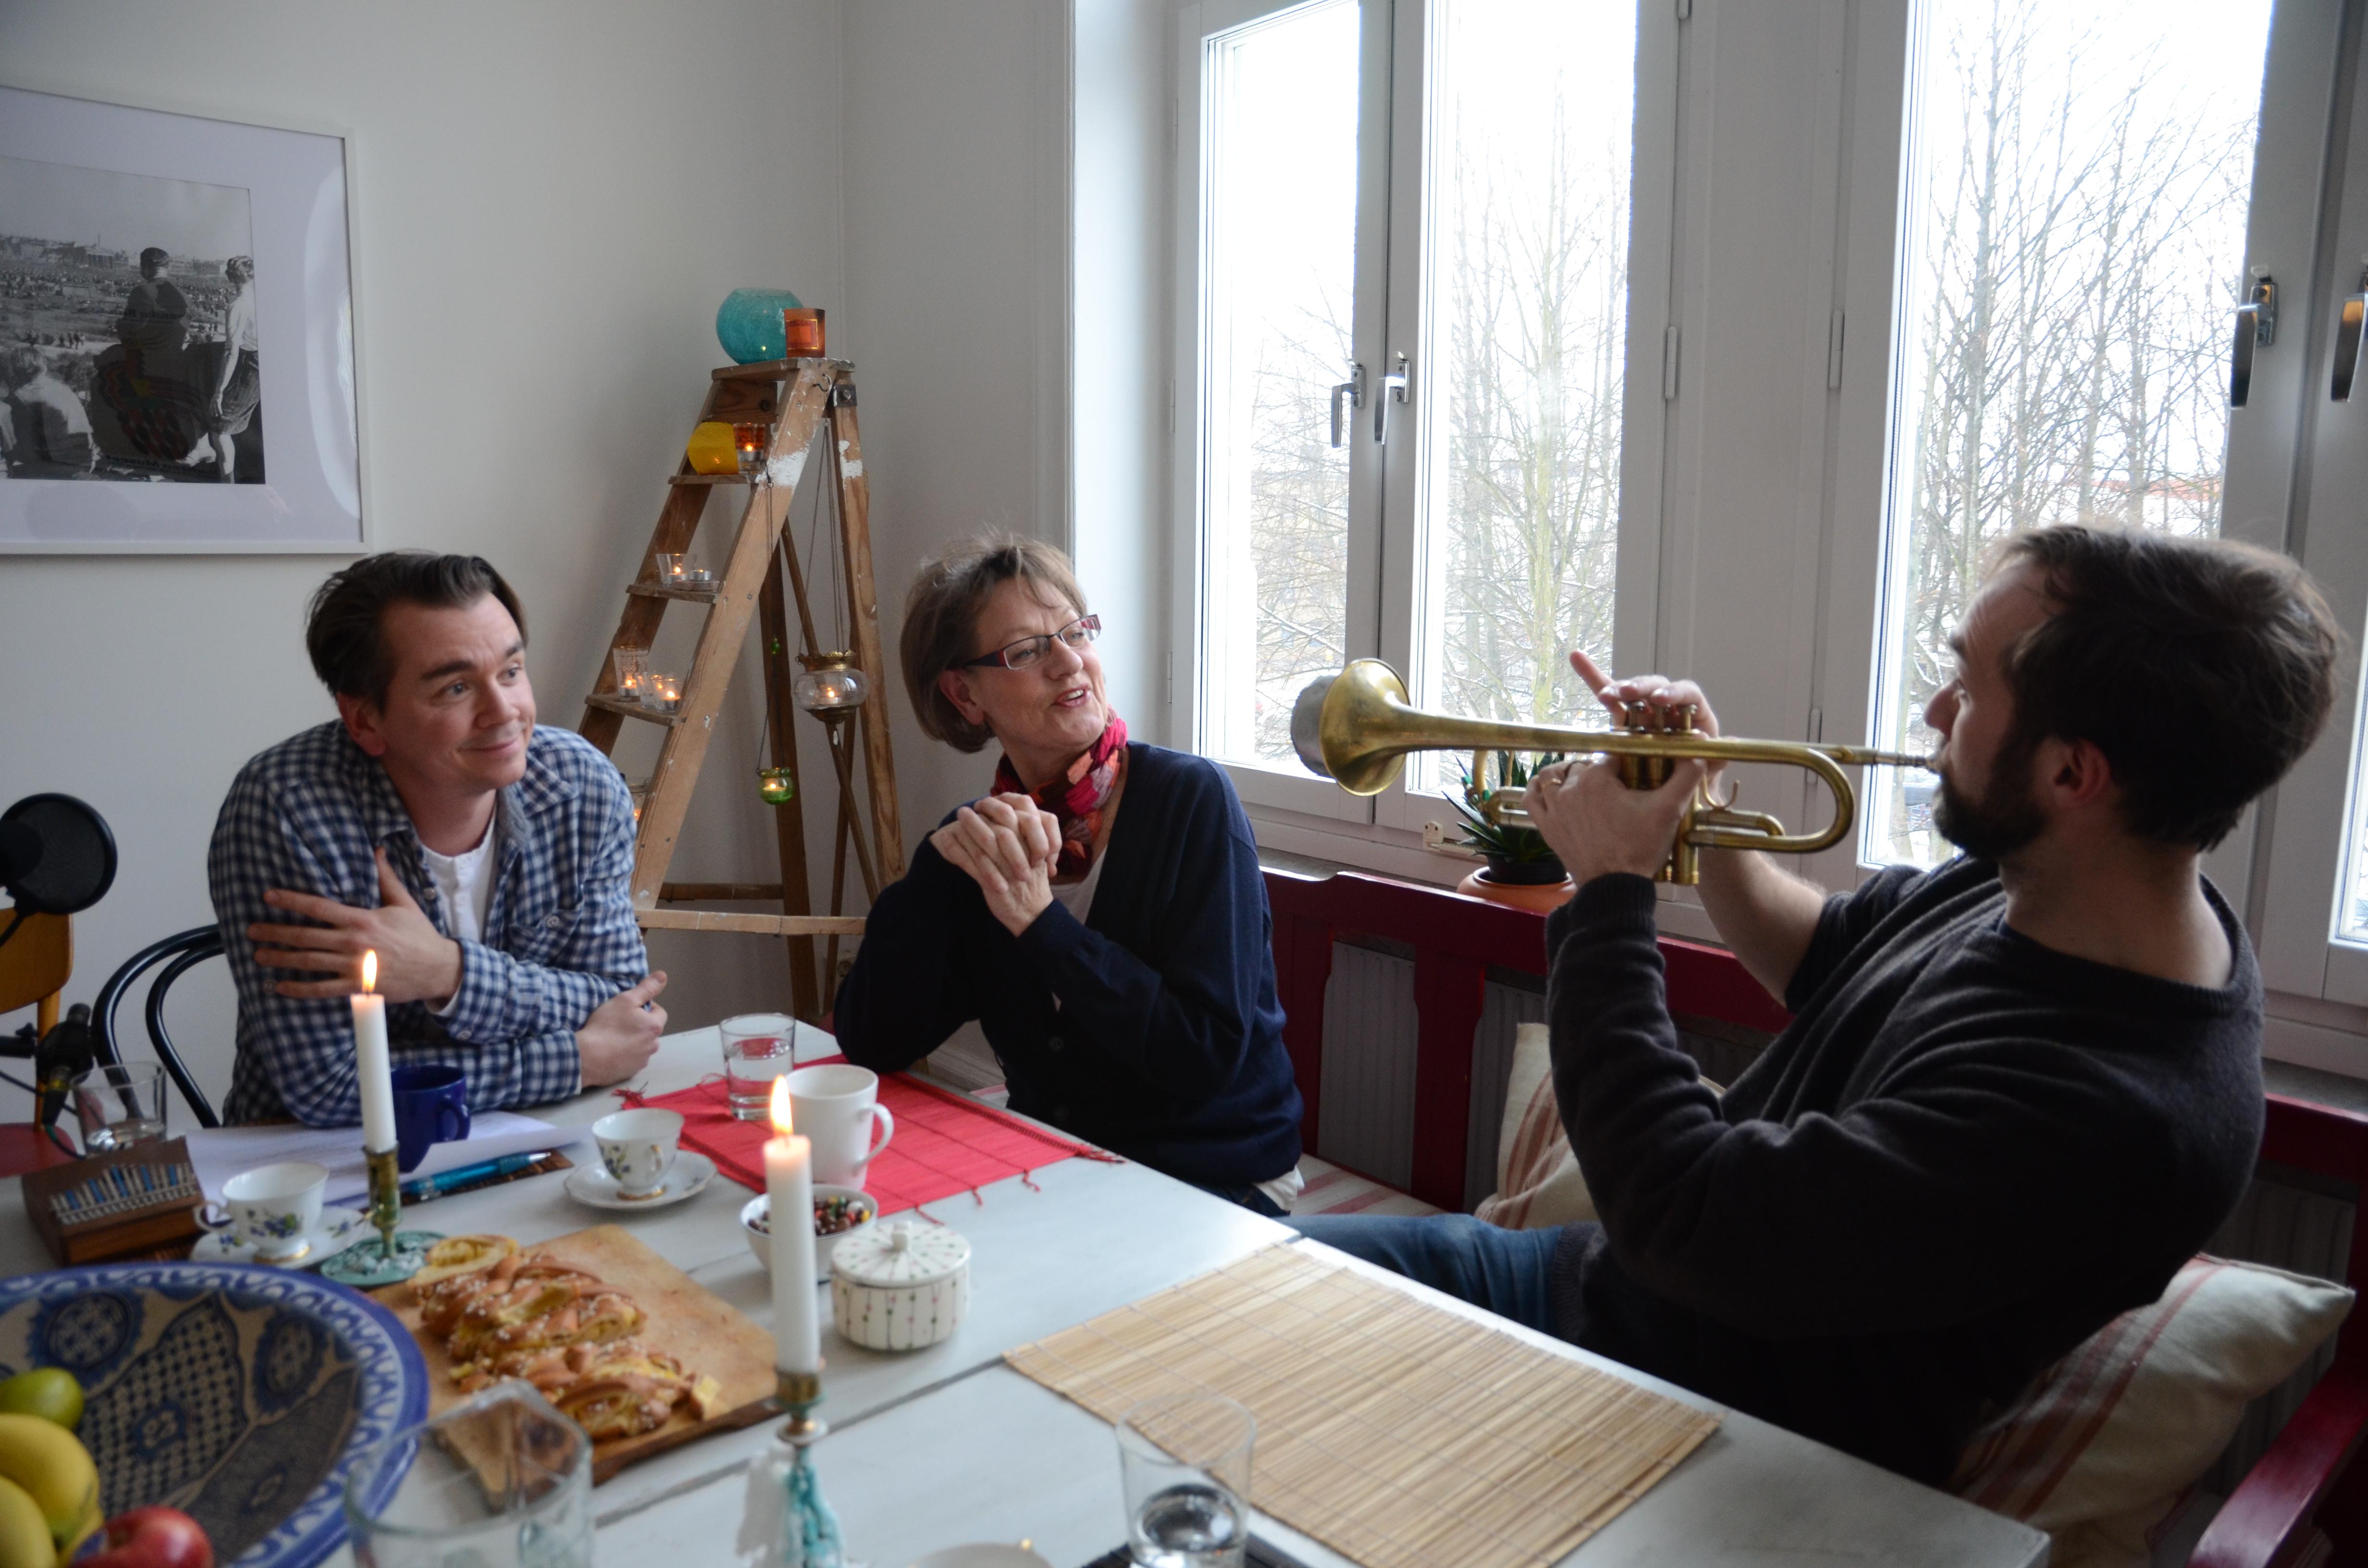 Mellansnack i P1 är en programserie med poeten och musikern Emil Jensen som bjuder in spännande gäster för samtal i sitt eget kök. FOTO: Lars Mogensen